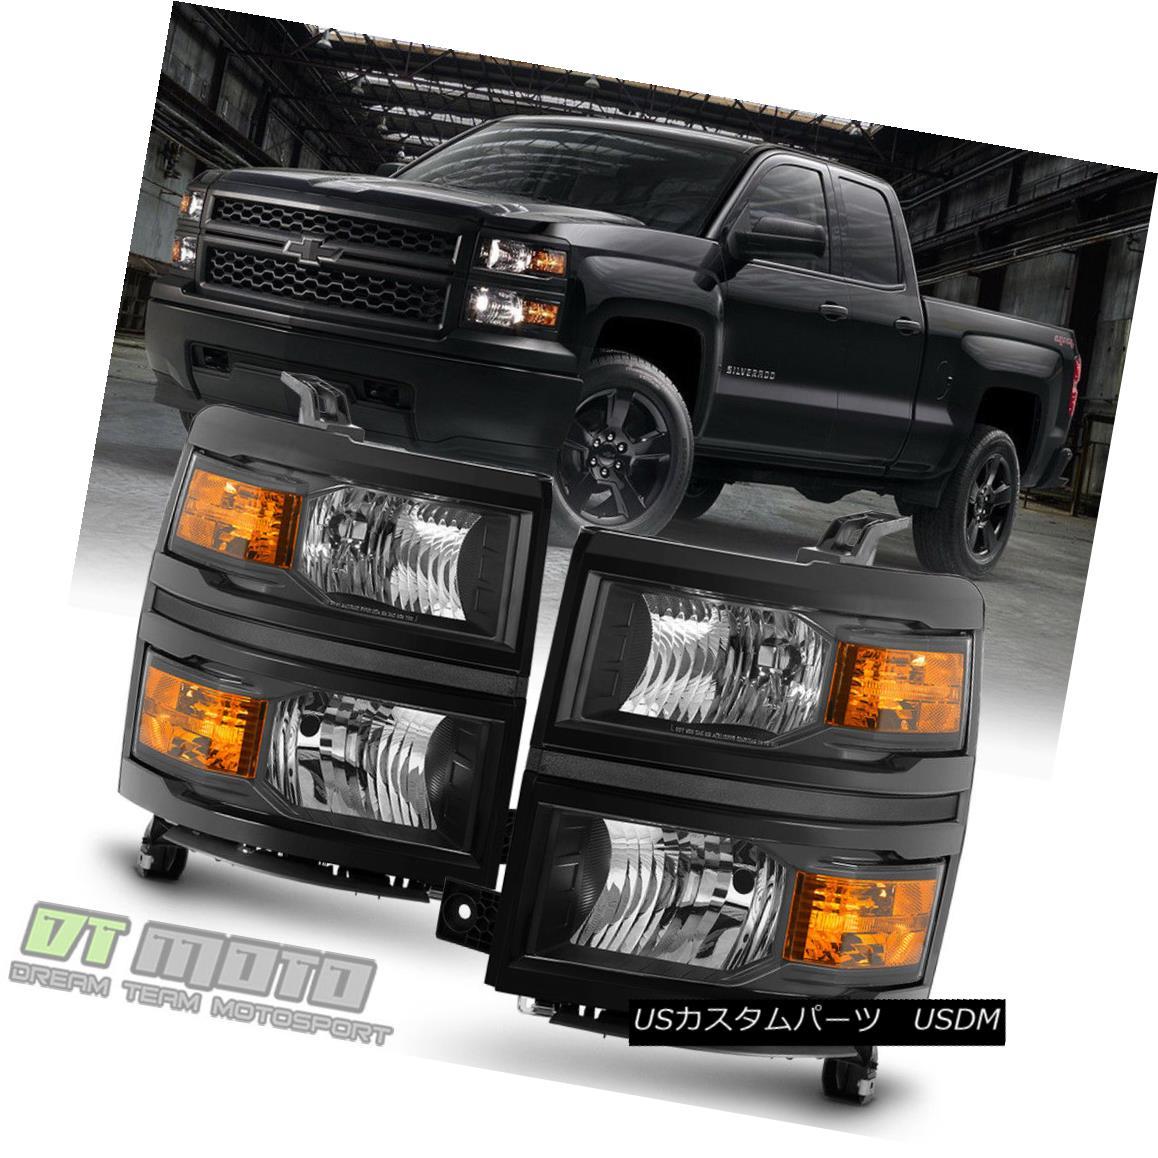 ヘッドライト Pair Black 2014-2015 Chevy Silverado 1500 Pickup Headlights Headlamps Left+Right ペアブラック2014-2015シボレーシルバラード1500ピックアップヘッドライトヘッドランプ左+右